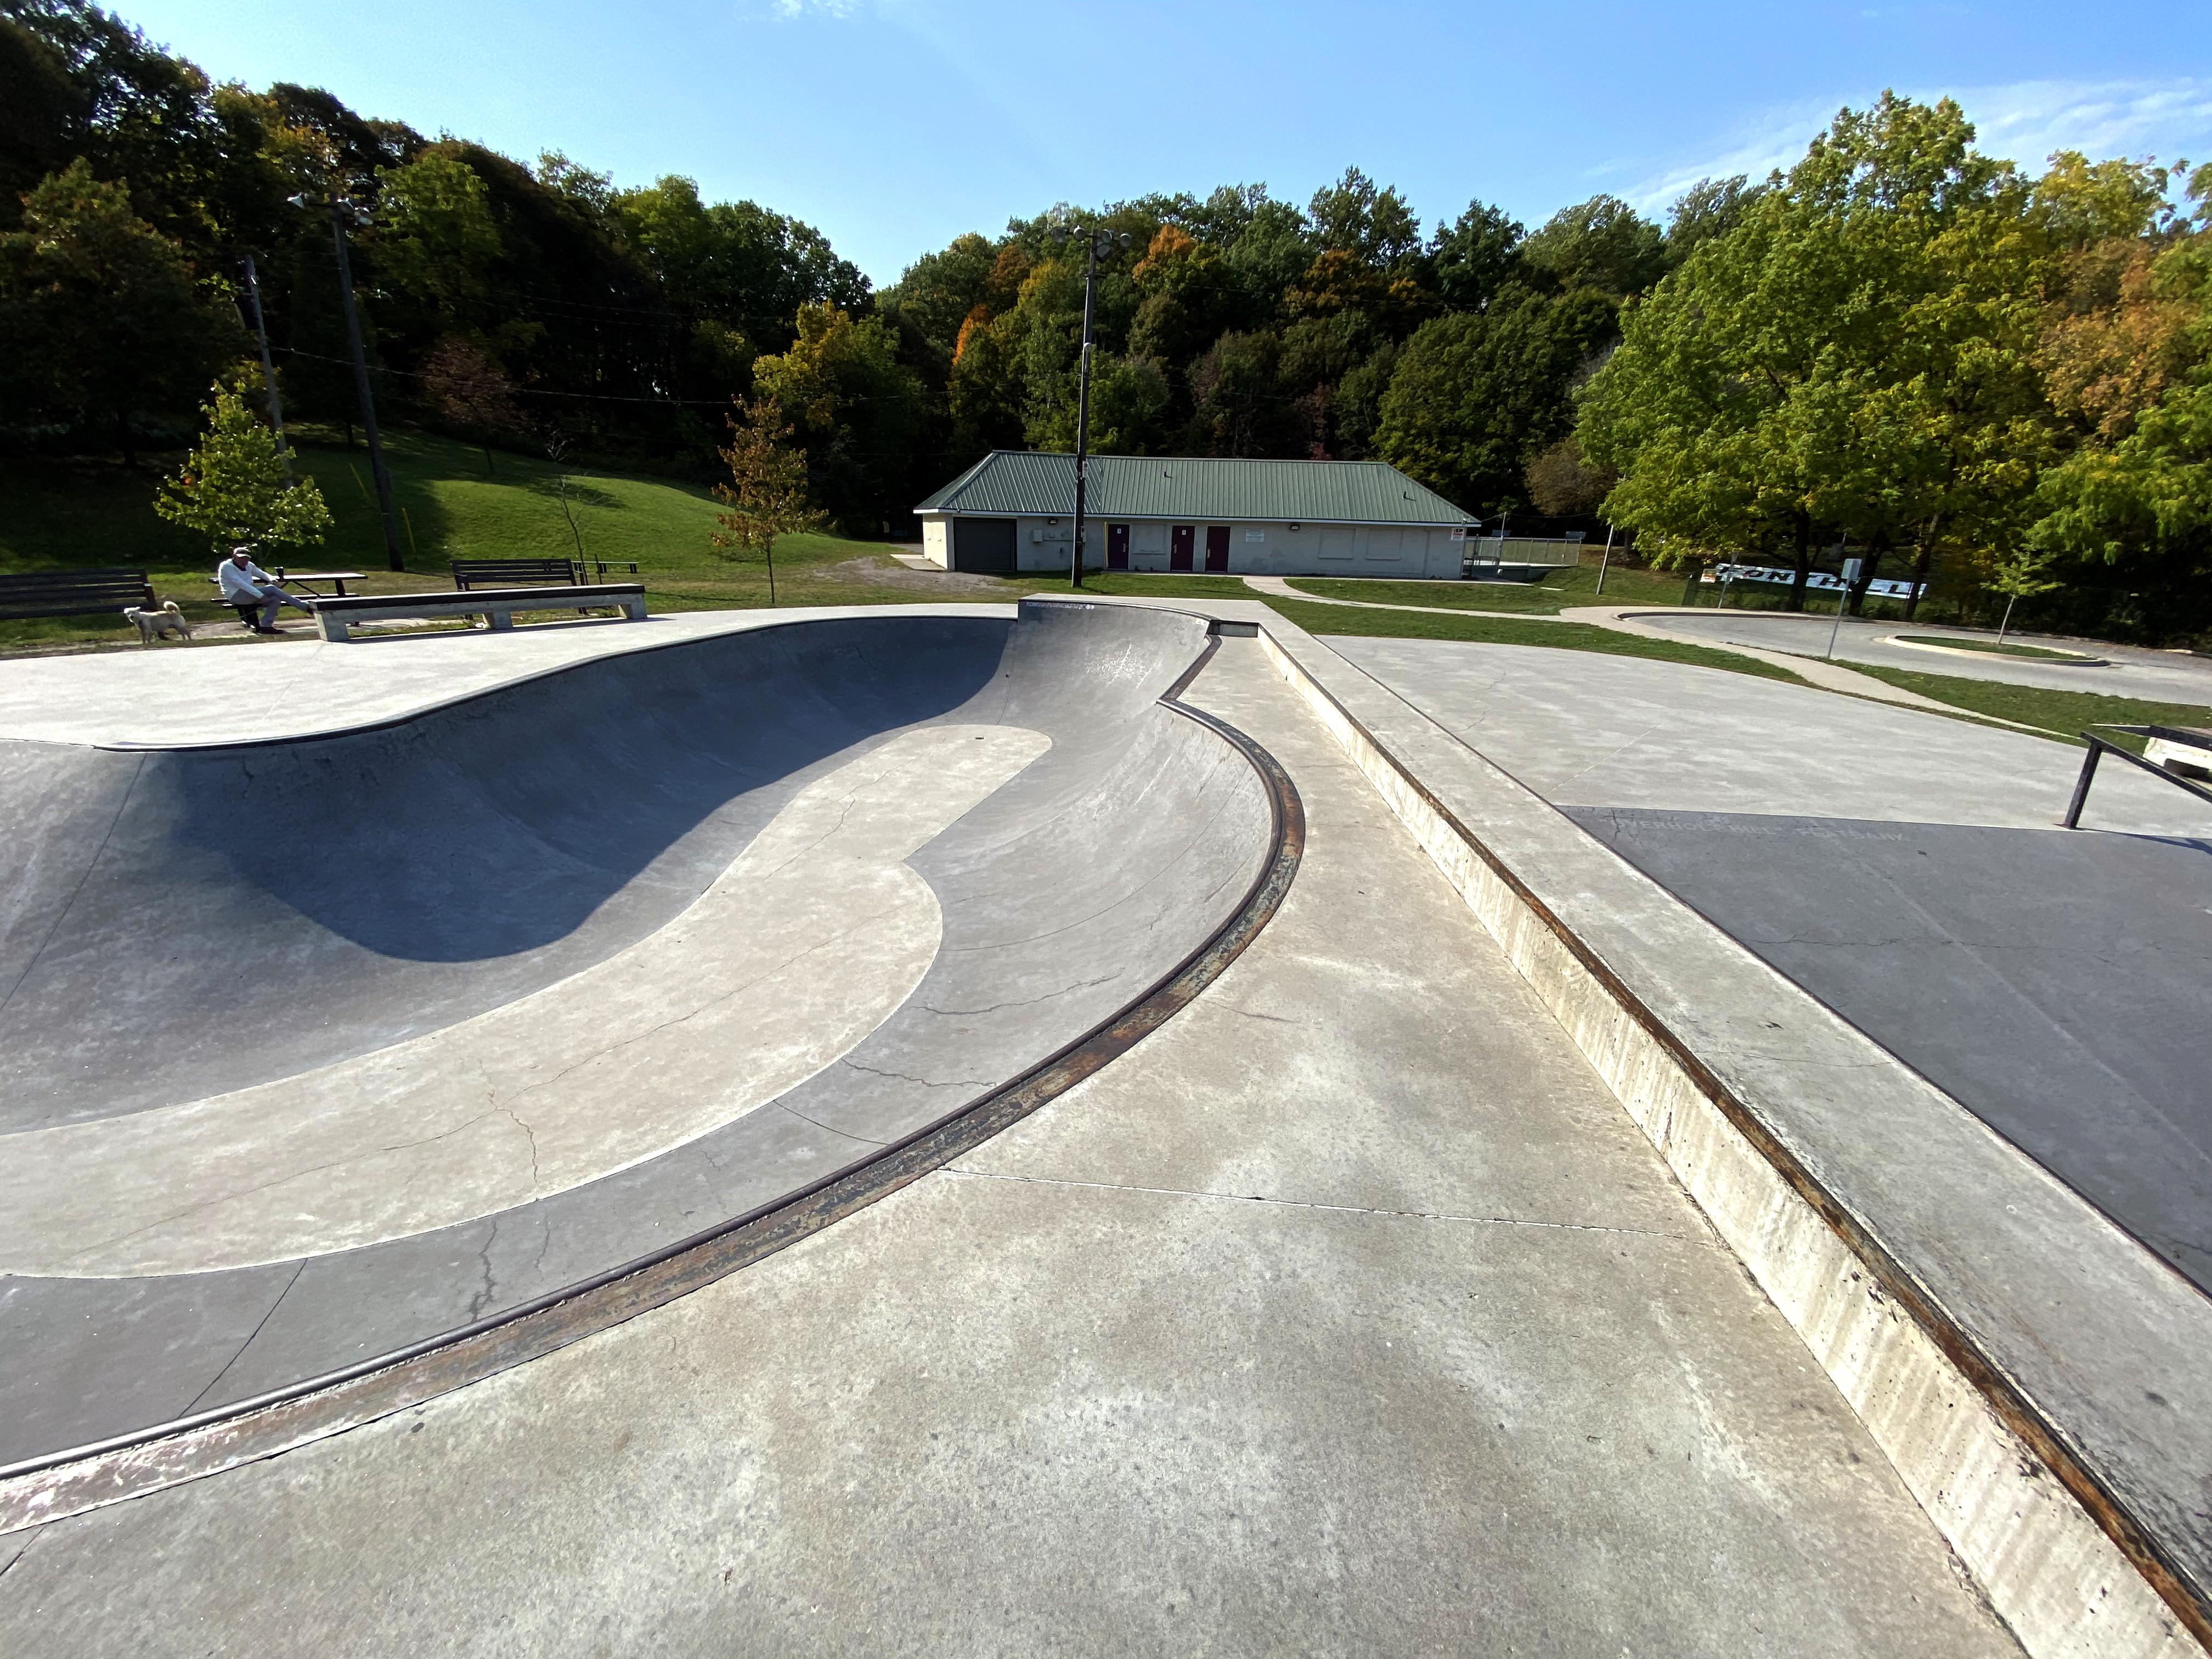 Fonthill skatepark bowl